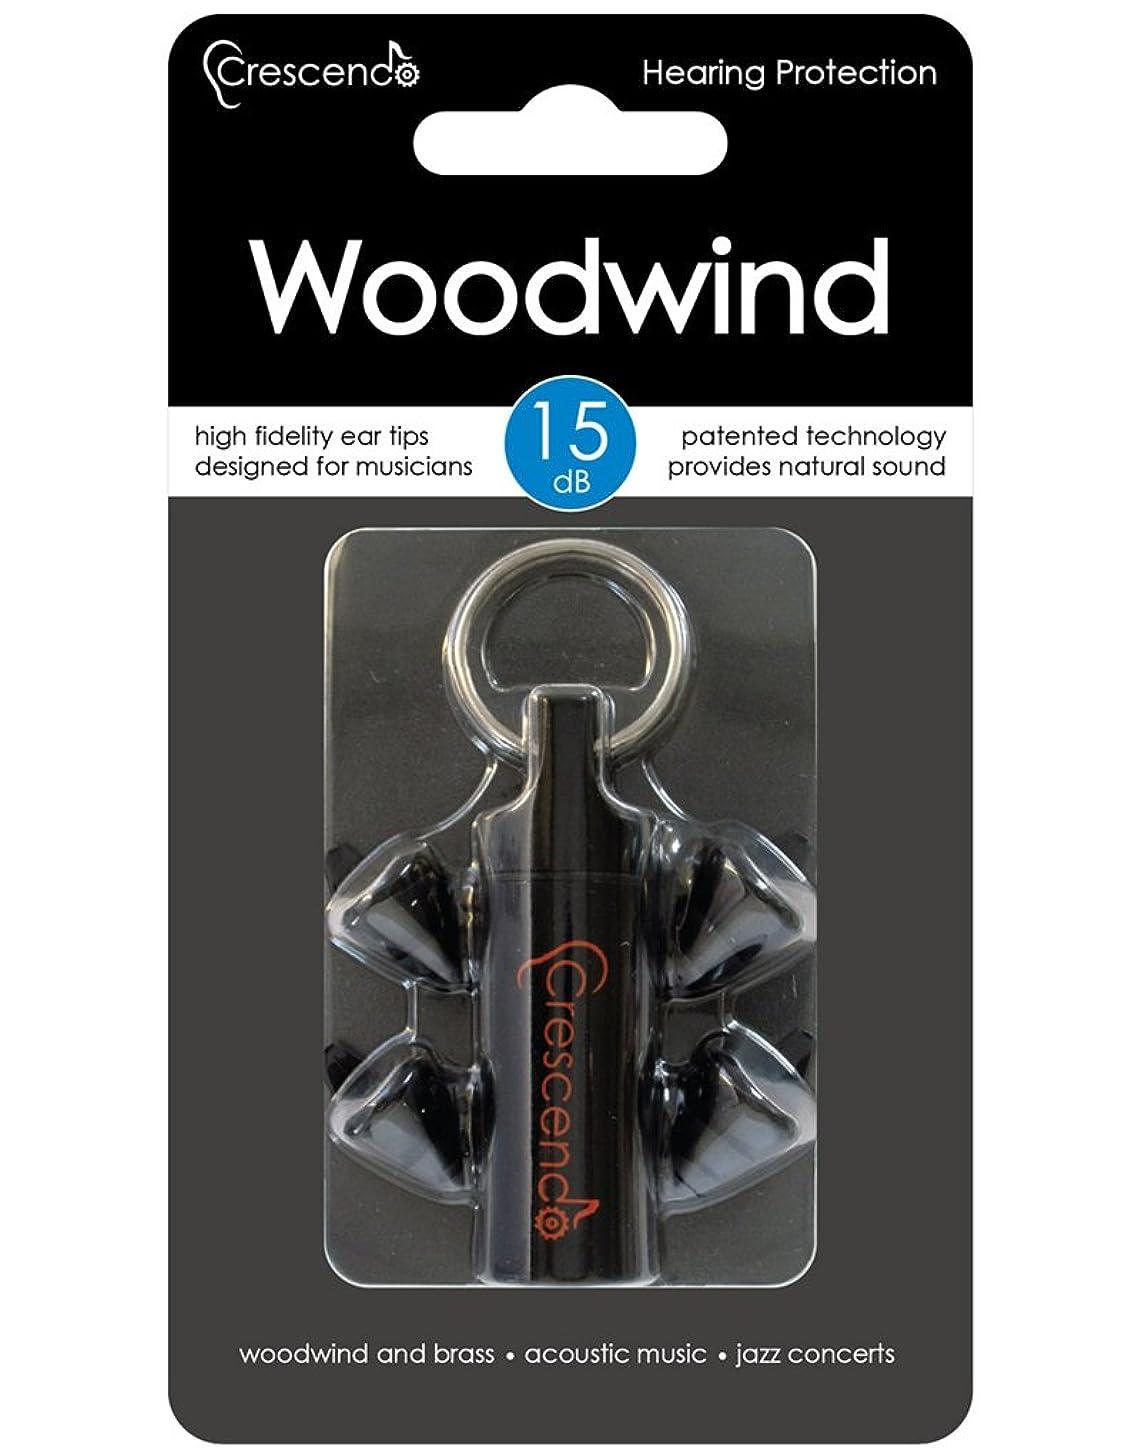 Crescendo Woodwind Ear Plugs